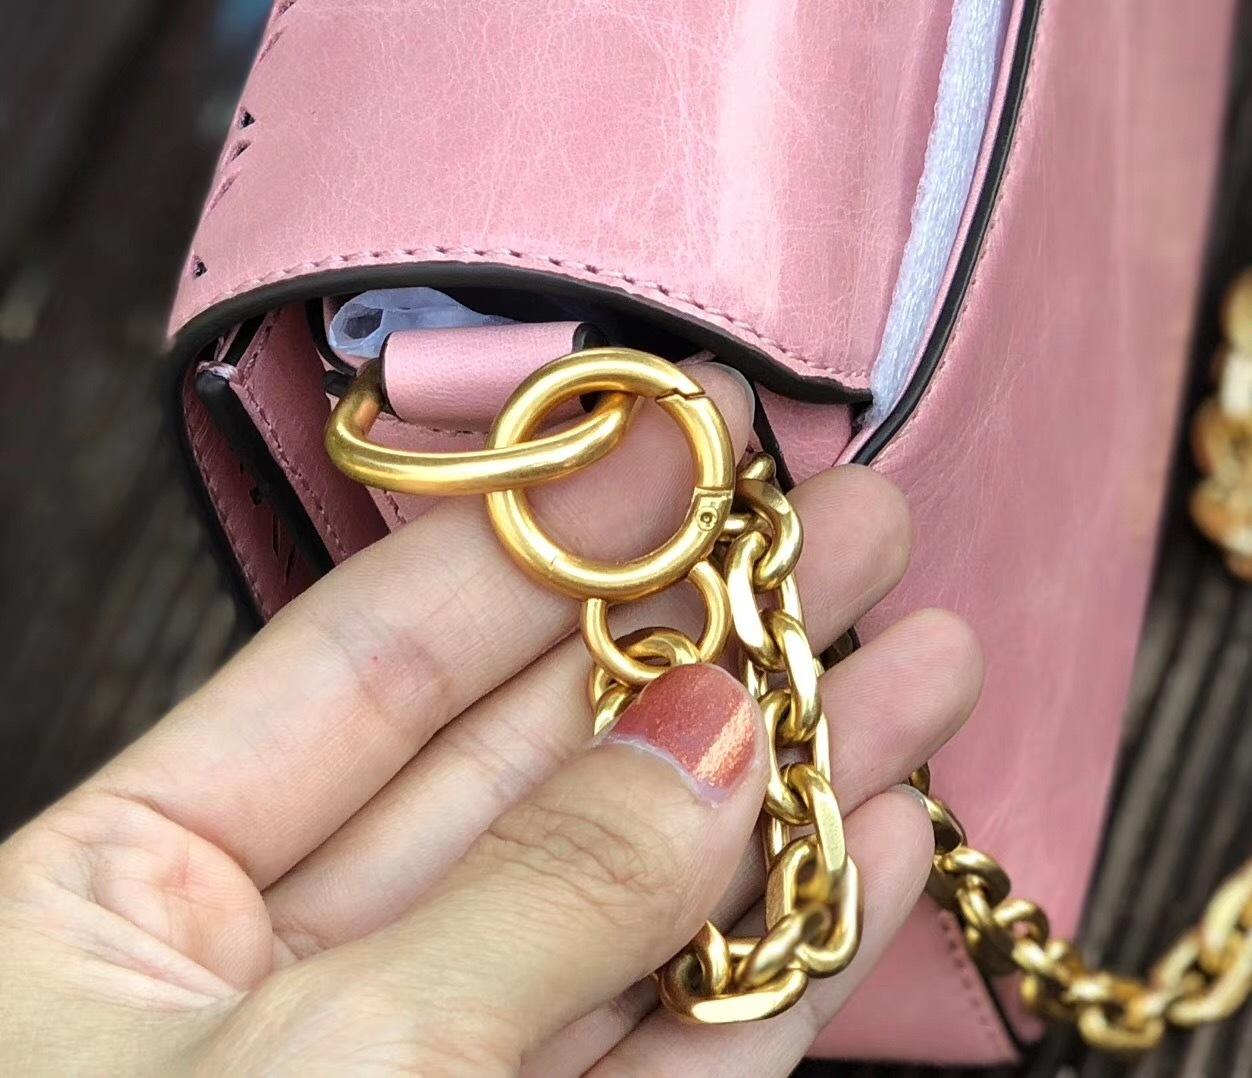 Tory Burch Kira Perforated Shoulder Bag